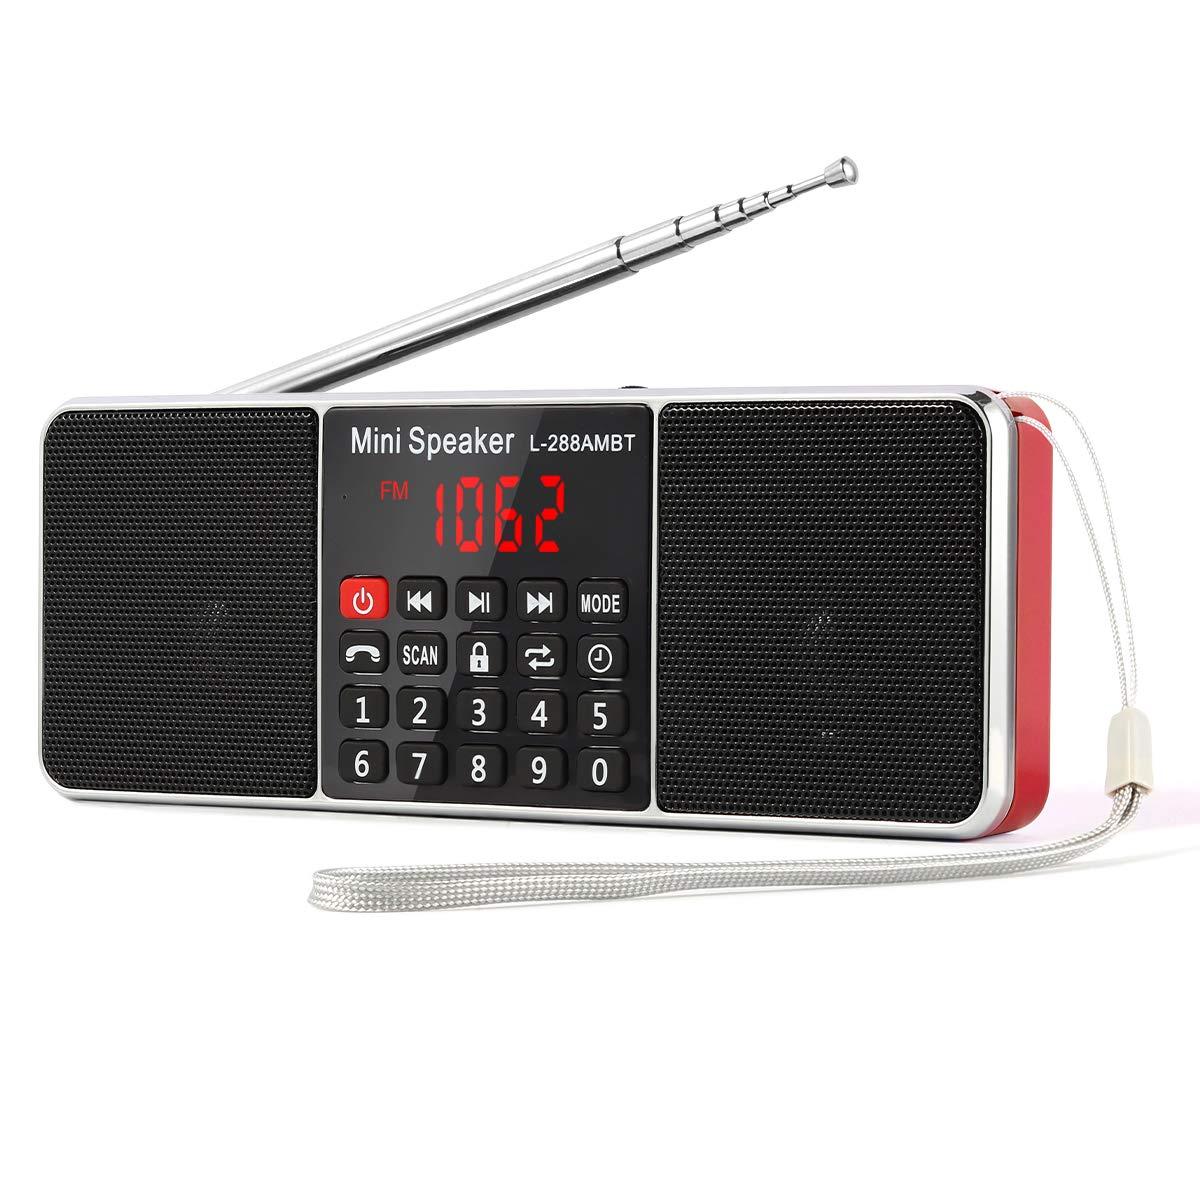 PRUNUS L-288 Portable AM/FM/Bluetooth/mp3/USB/SD/AUX Radio de Antena Larga con Altavoz magnético Doble, función de Temporizador de Apagado automático.